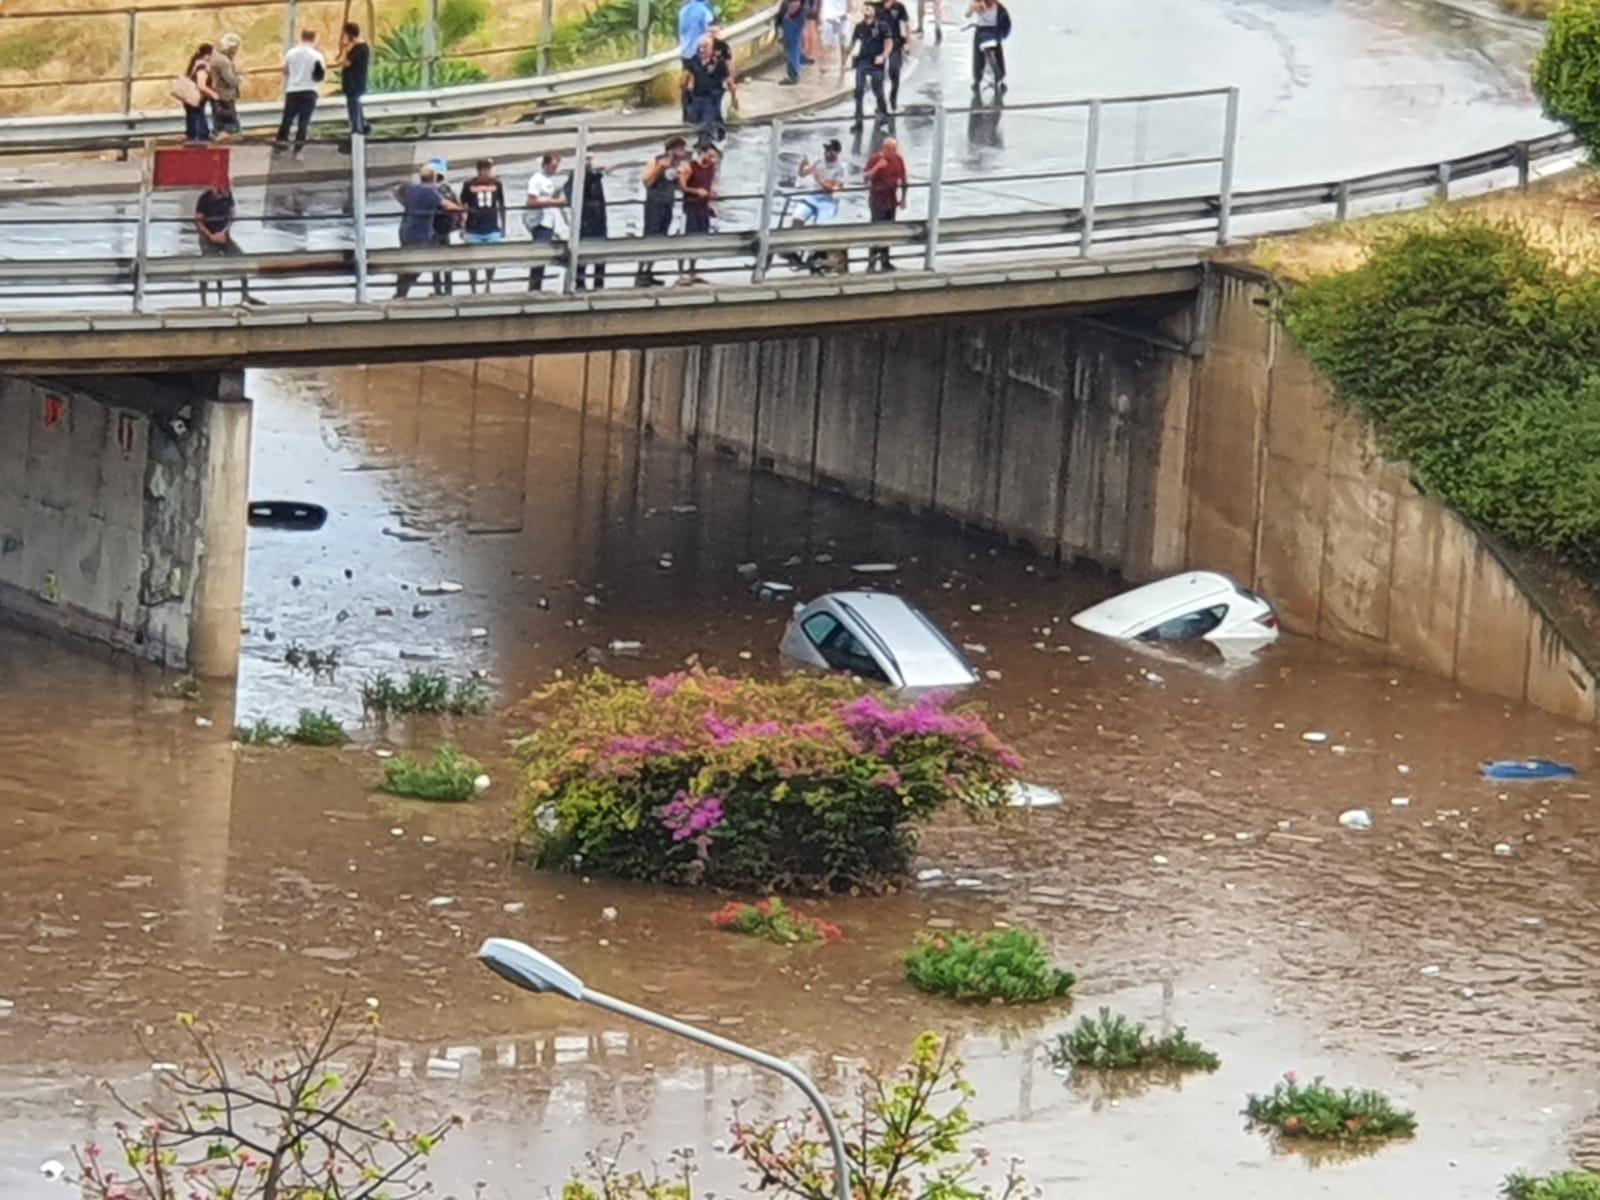 Alluvione a Palermo, salvò persone rimaste bloccate in auto: premiato poliziotto